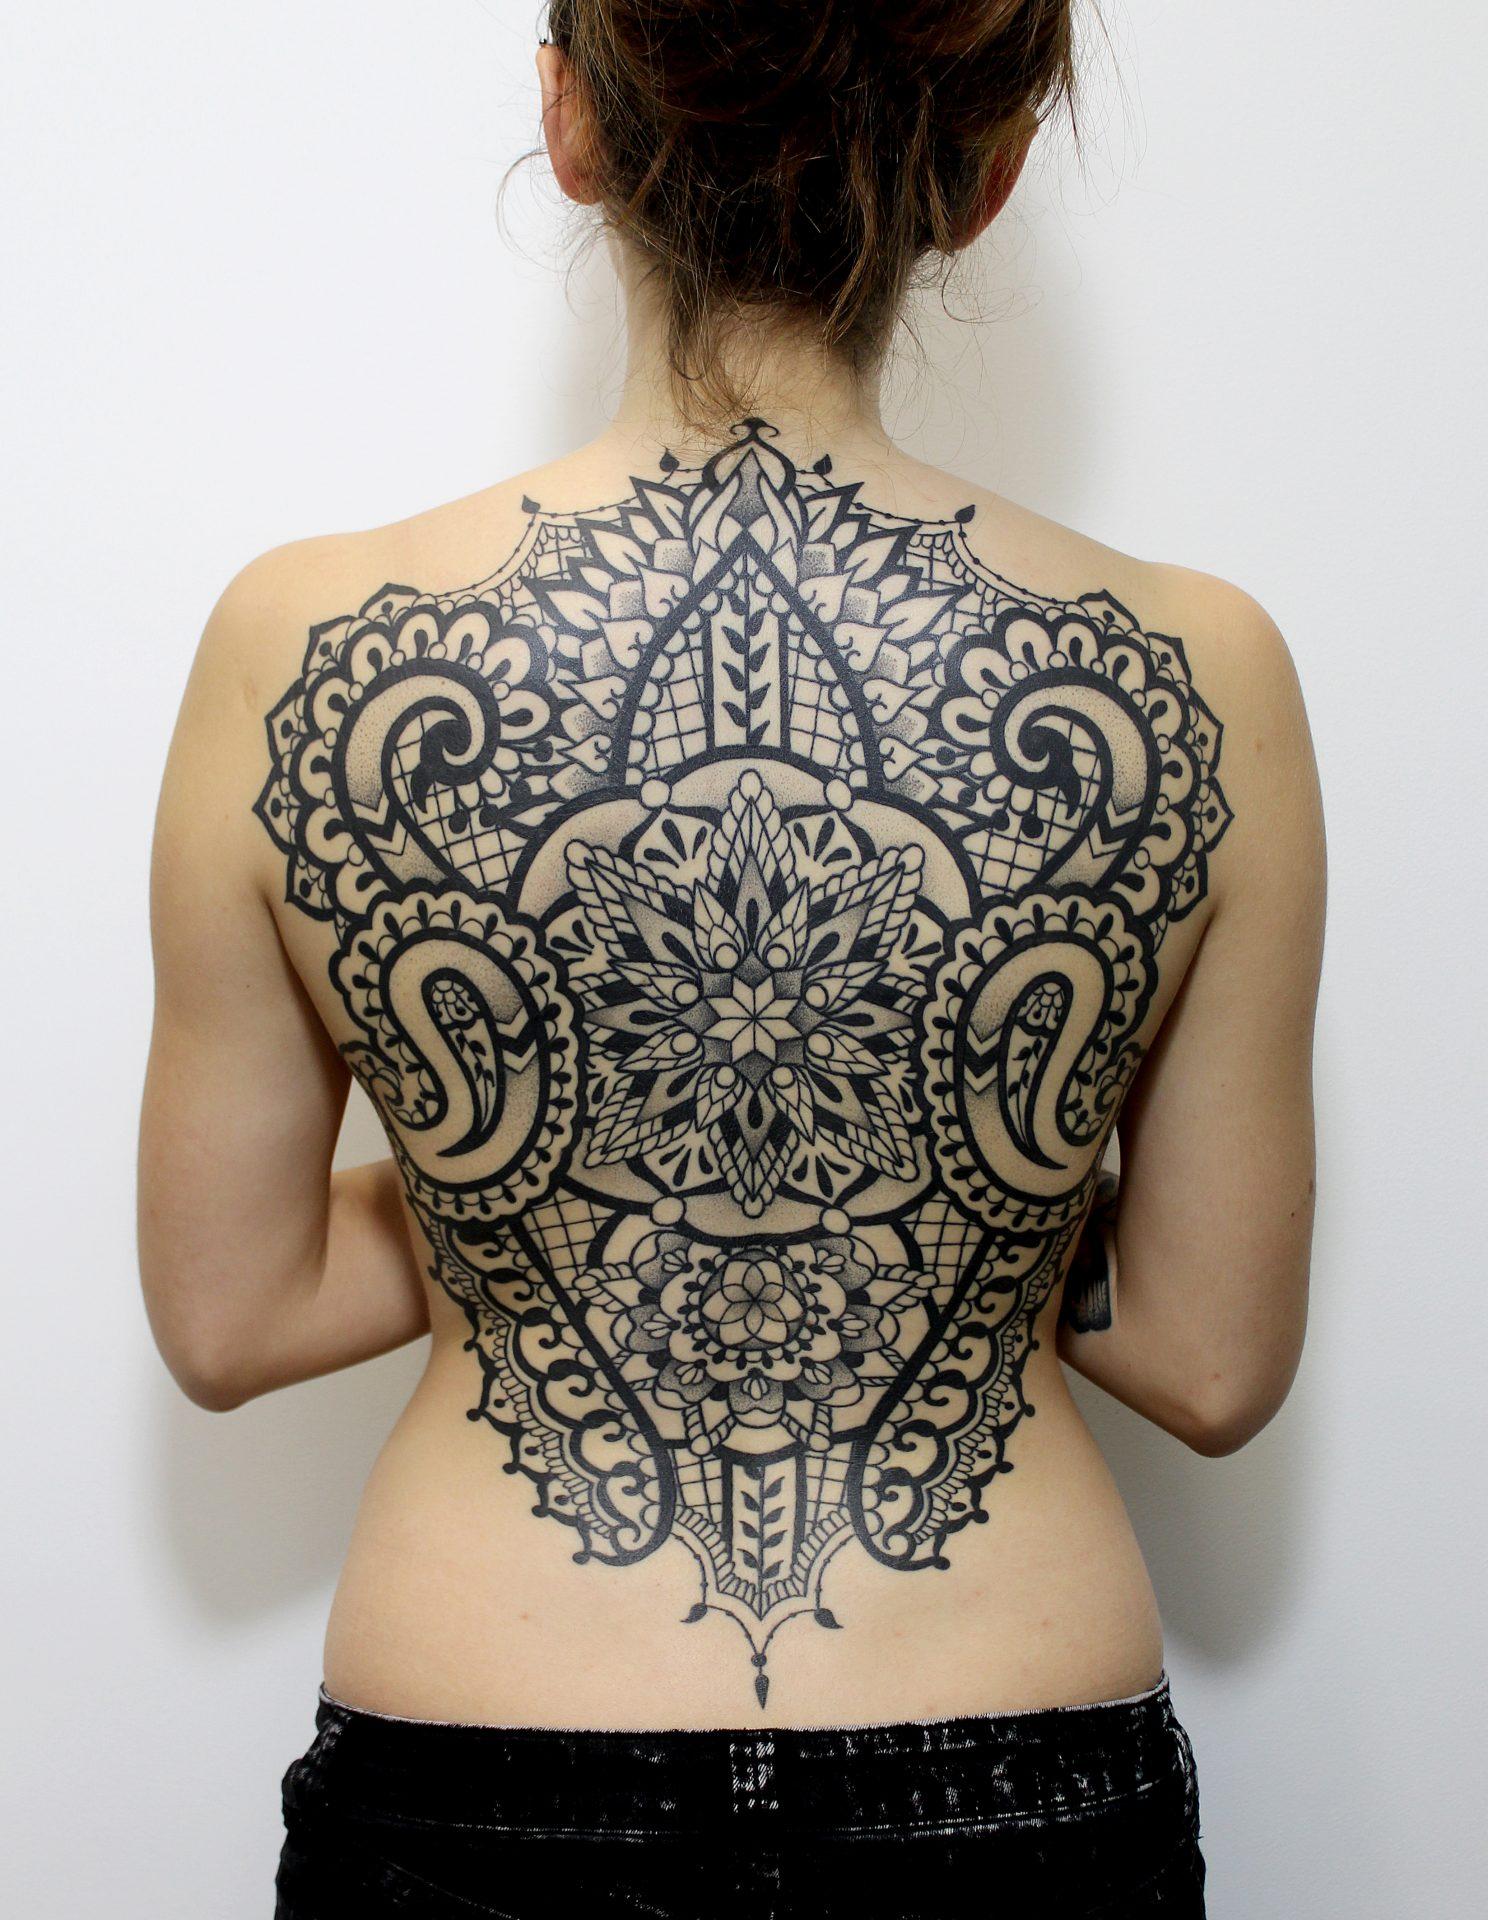 Tatuaz ornamentowy na plecach, który wykonała Avalan Tattoo Agniedzka Kulińska w Krakowie